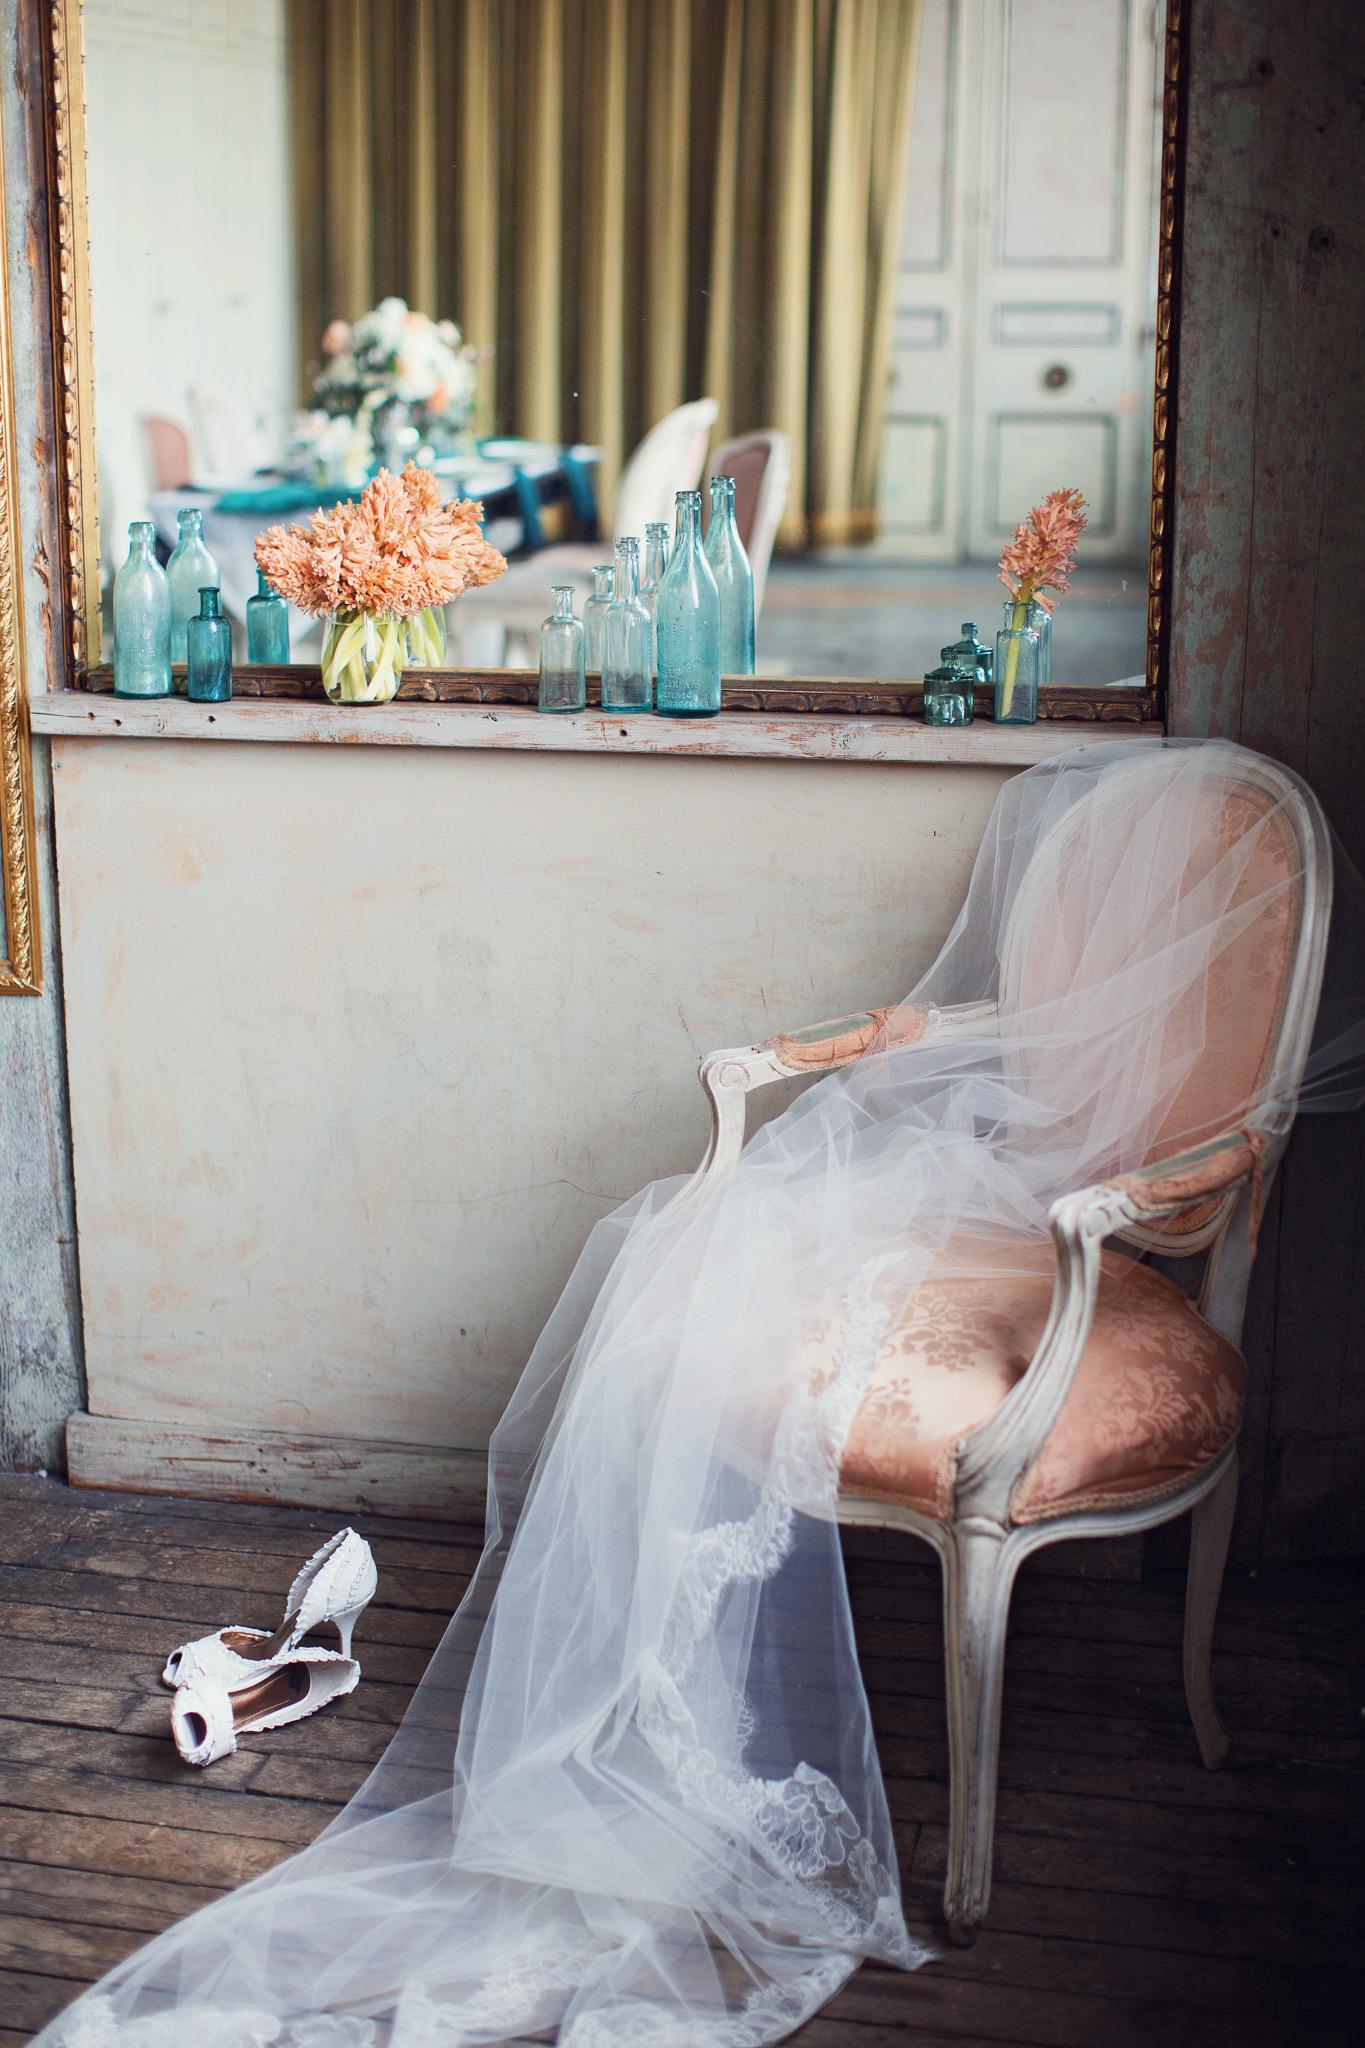 lace-veil-draped-peach-chair-vintage-pretty